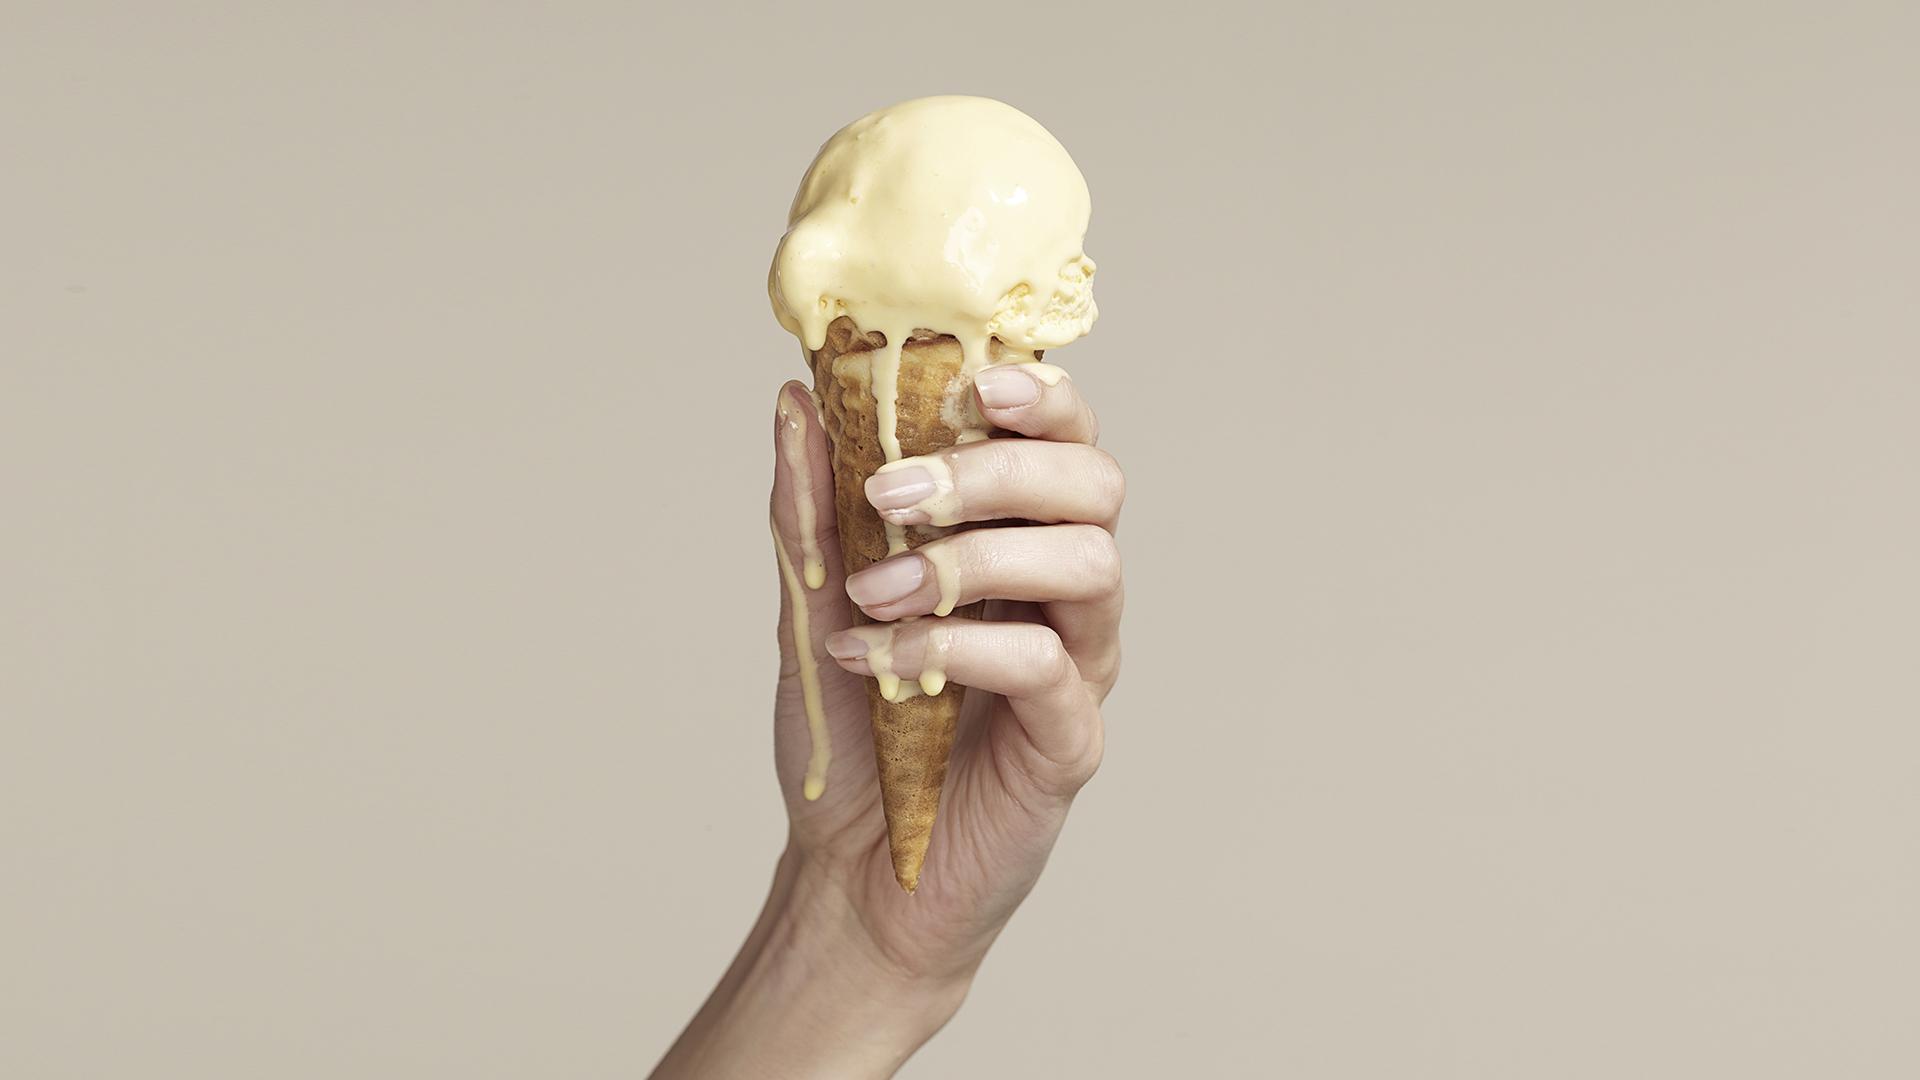 Ice  >> America S Trendiest Ice Cream Is Unicorn Vanilla Is The Most